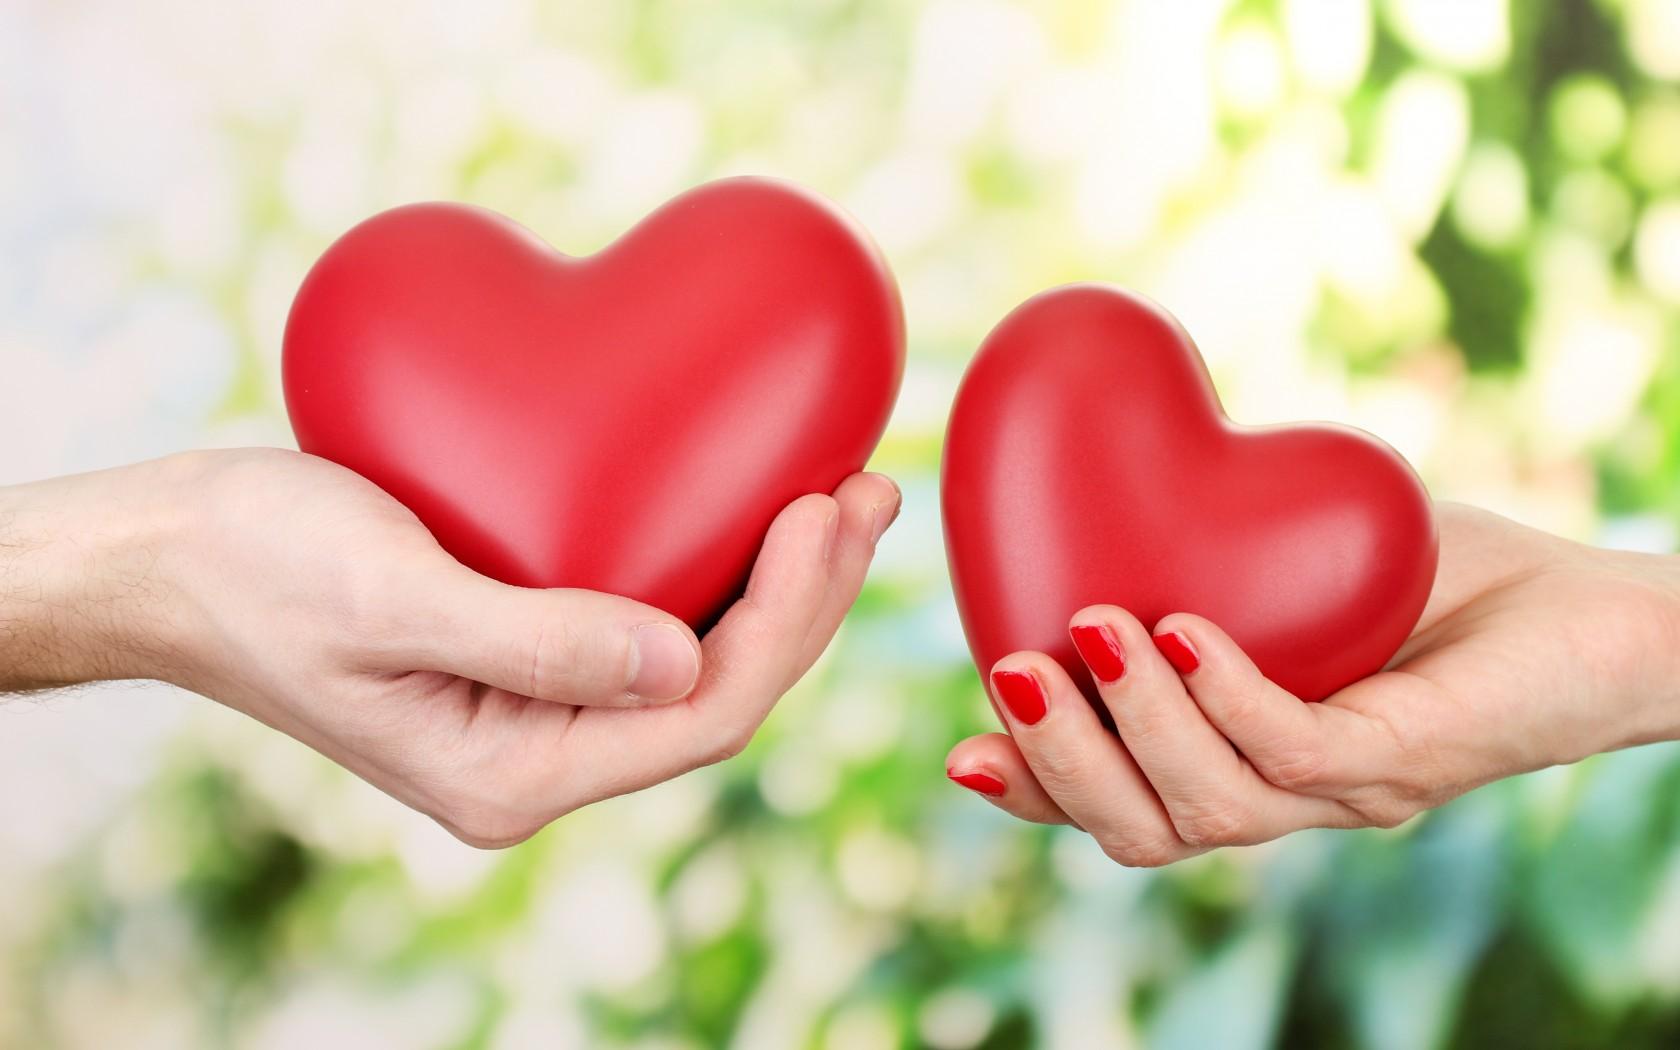 صور قلوب وحب ورومانسية وصورة قلب HD  (41)